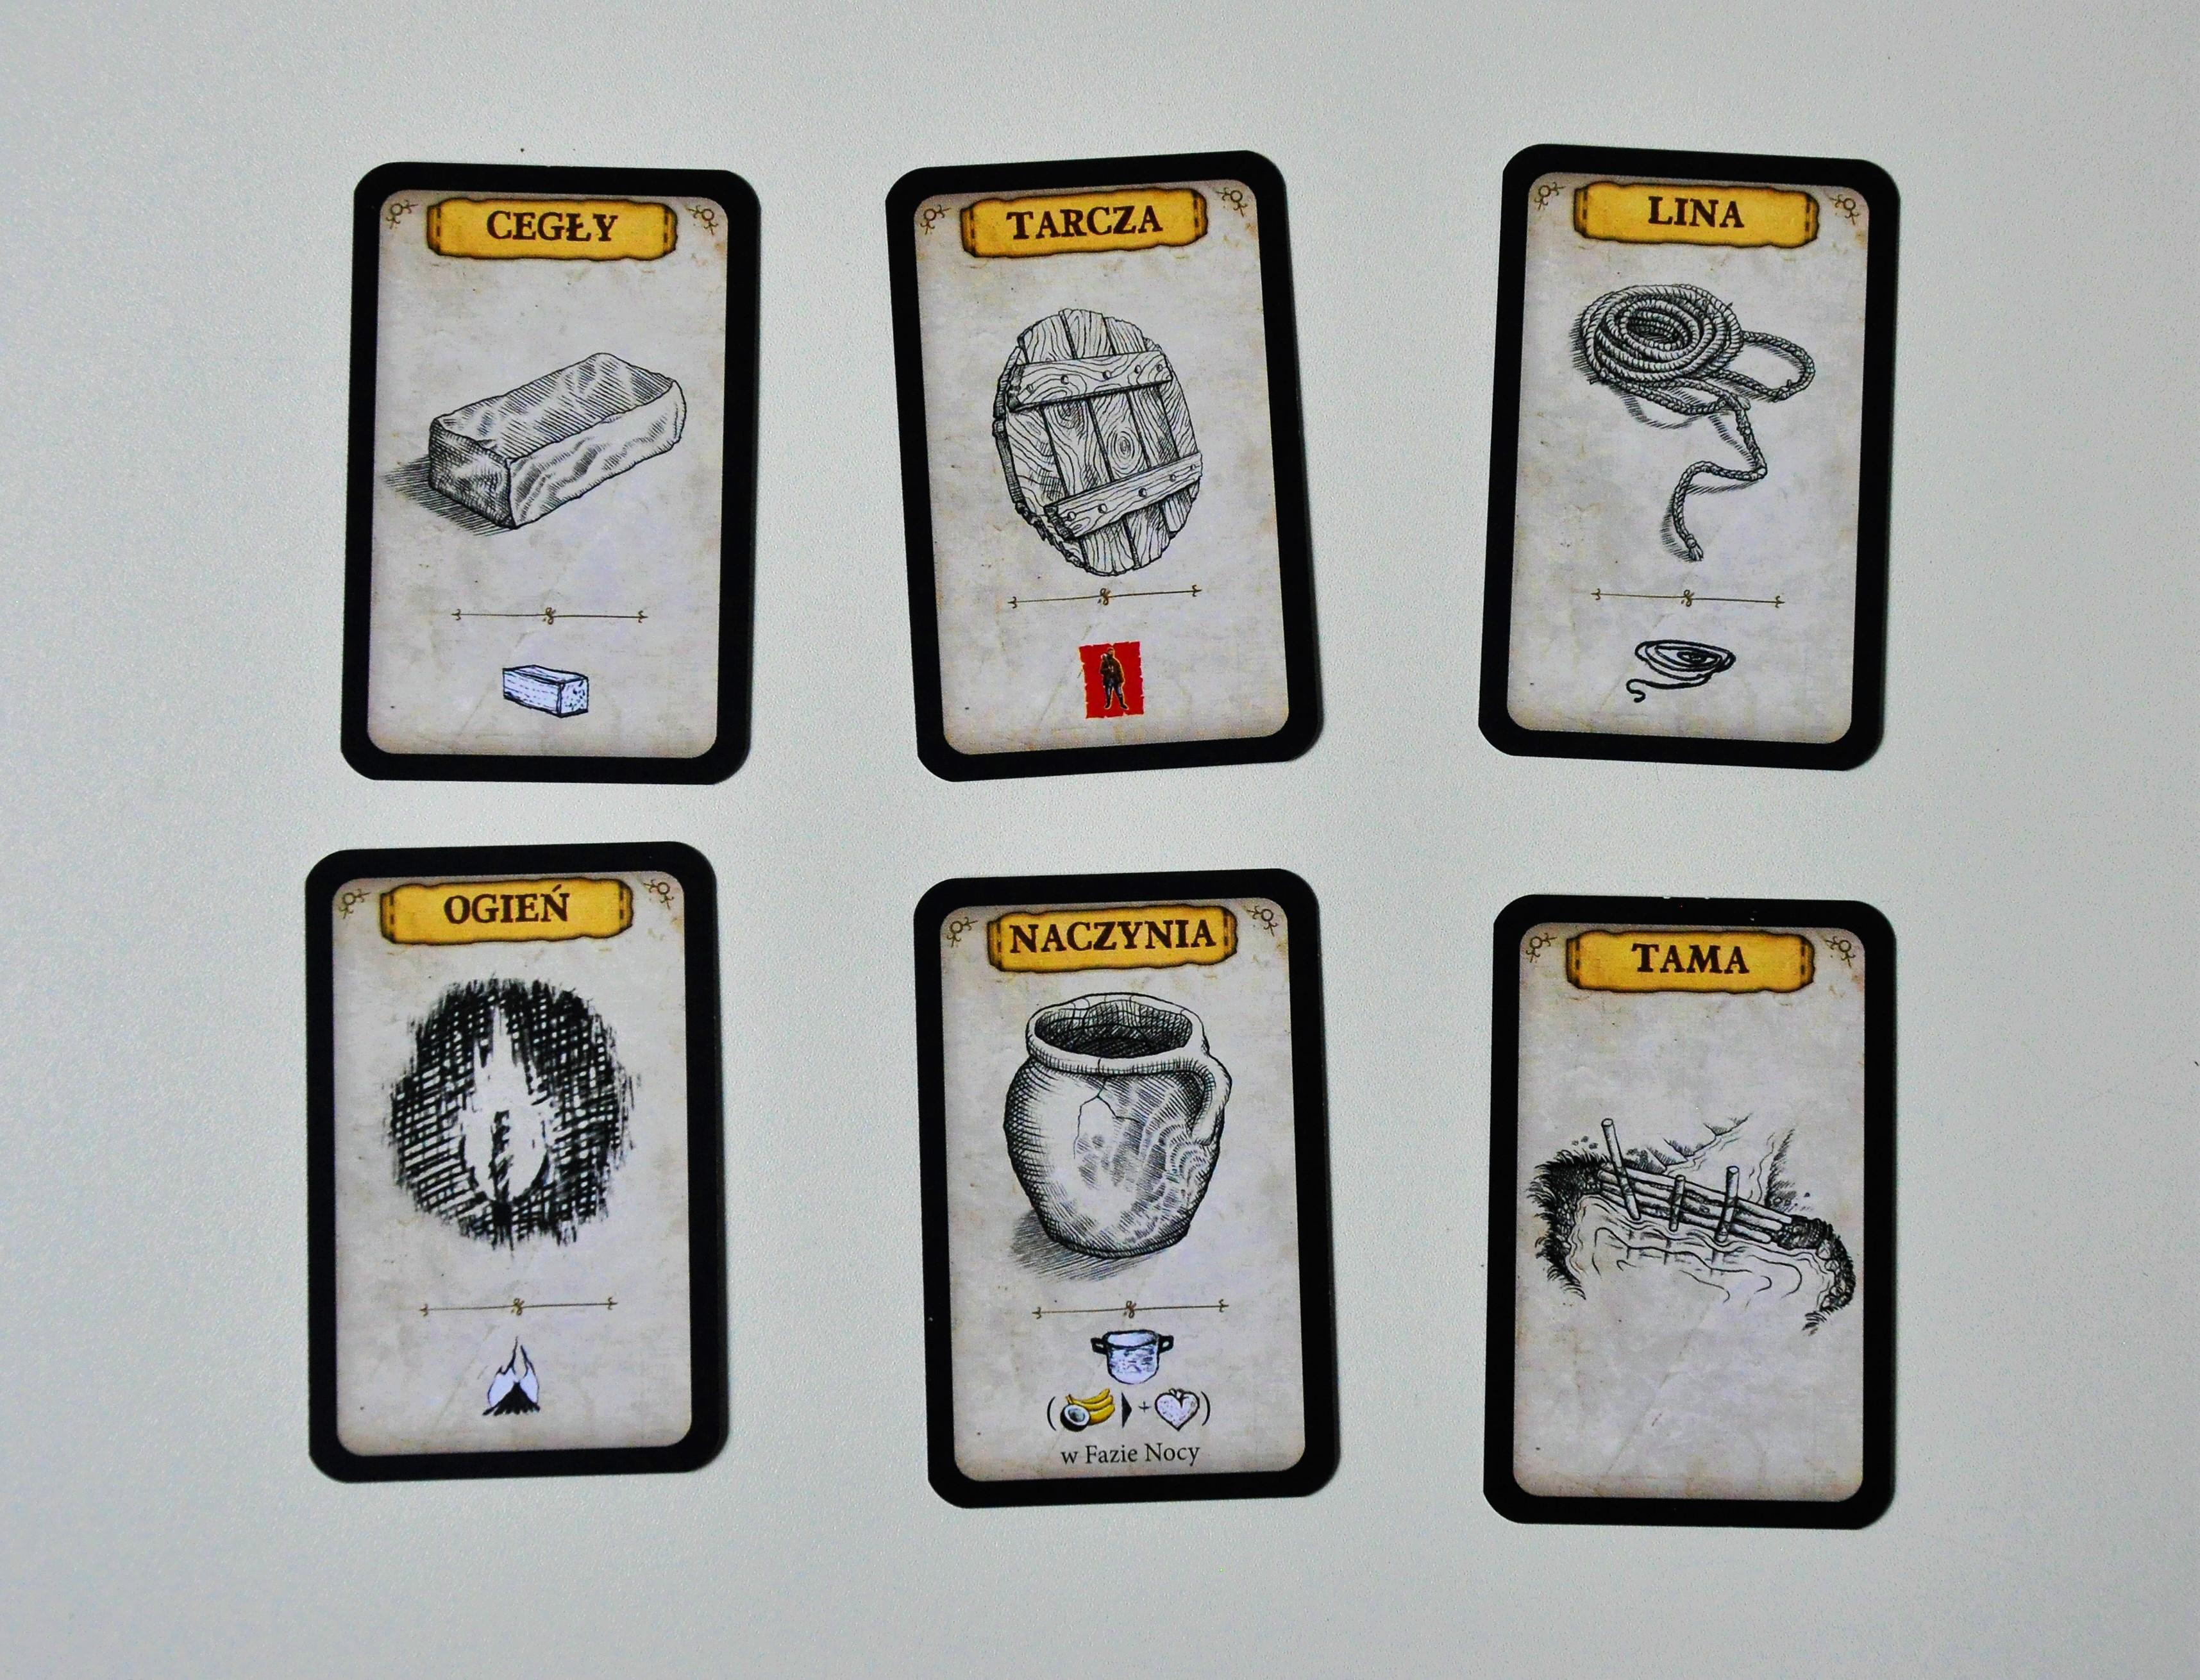 Przykładowe karty pomysłów, które możemy opracować wramach naszej akcji